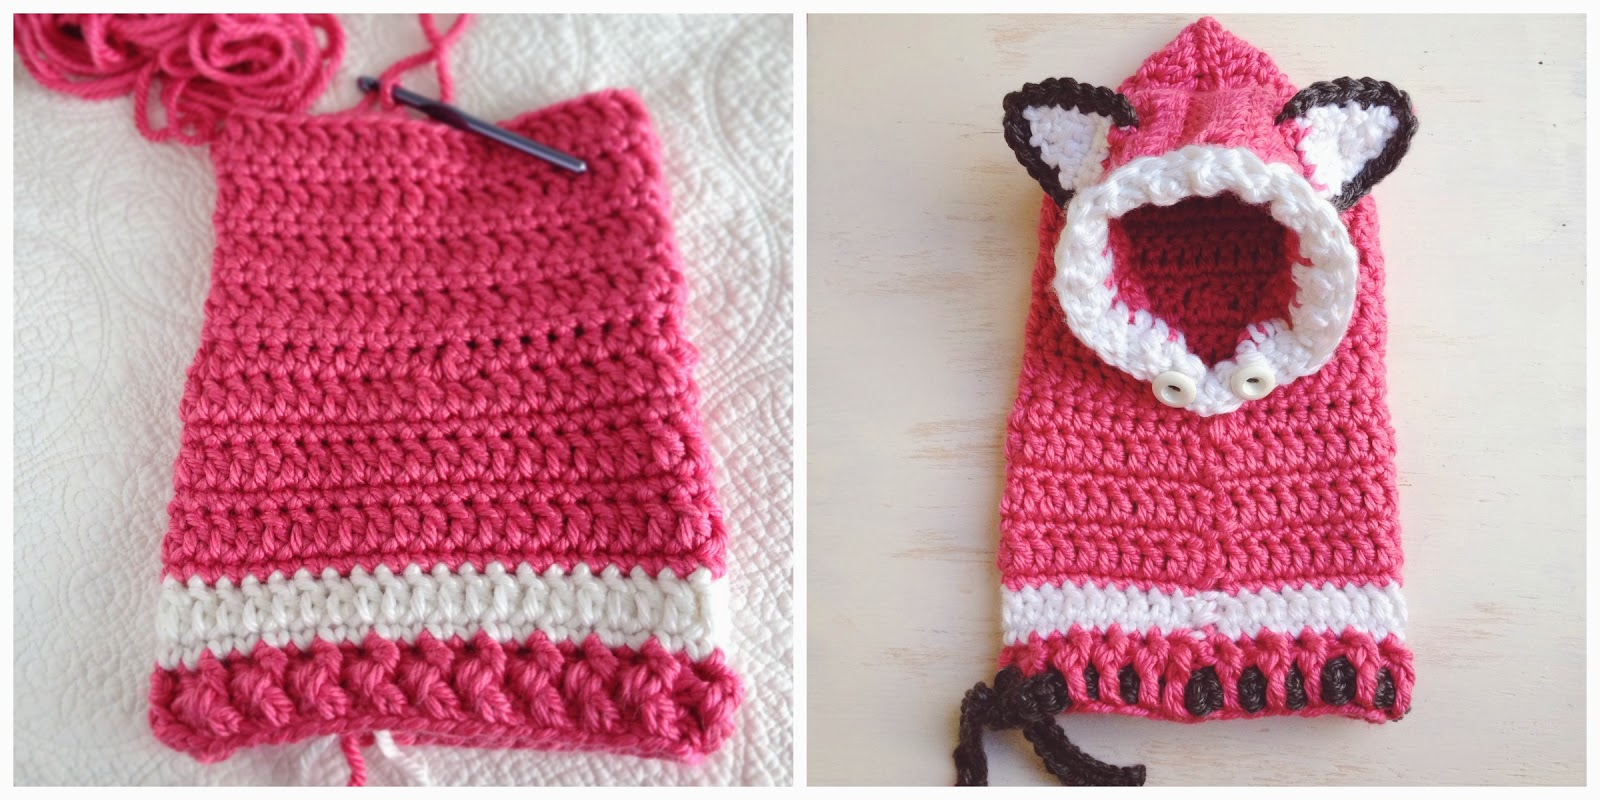 Crochet Fox Hooded Cowl Pattern : Crochet Fox Hood Pattern Free images